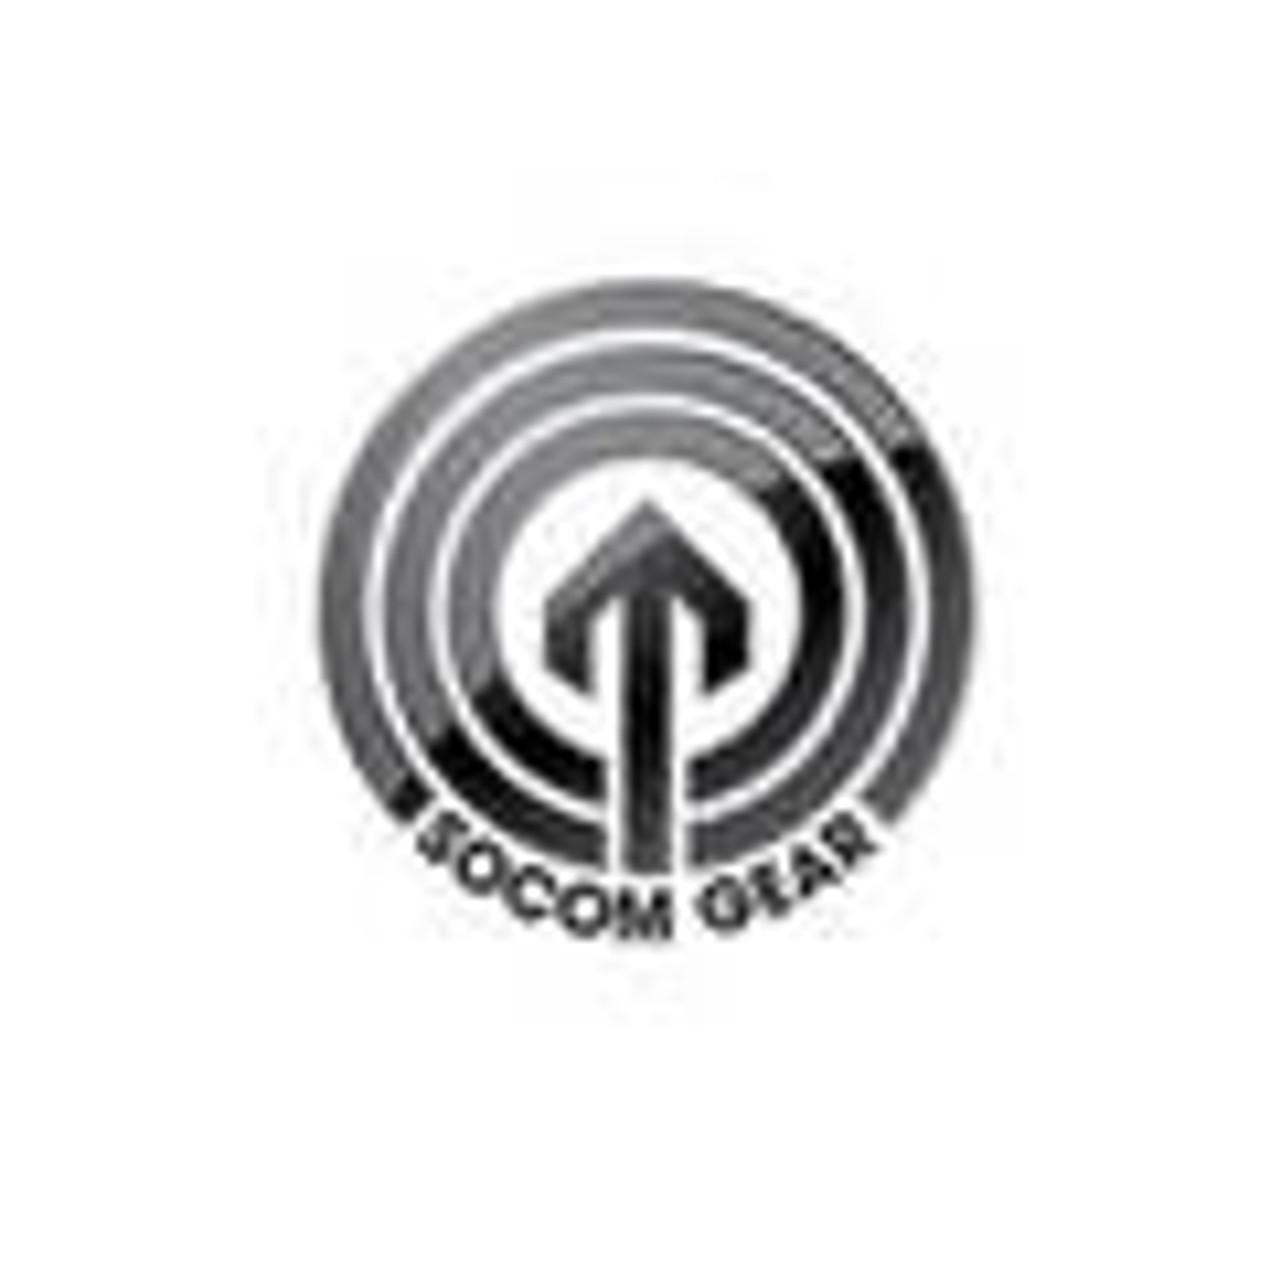 Socom Gear AEGs